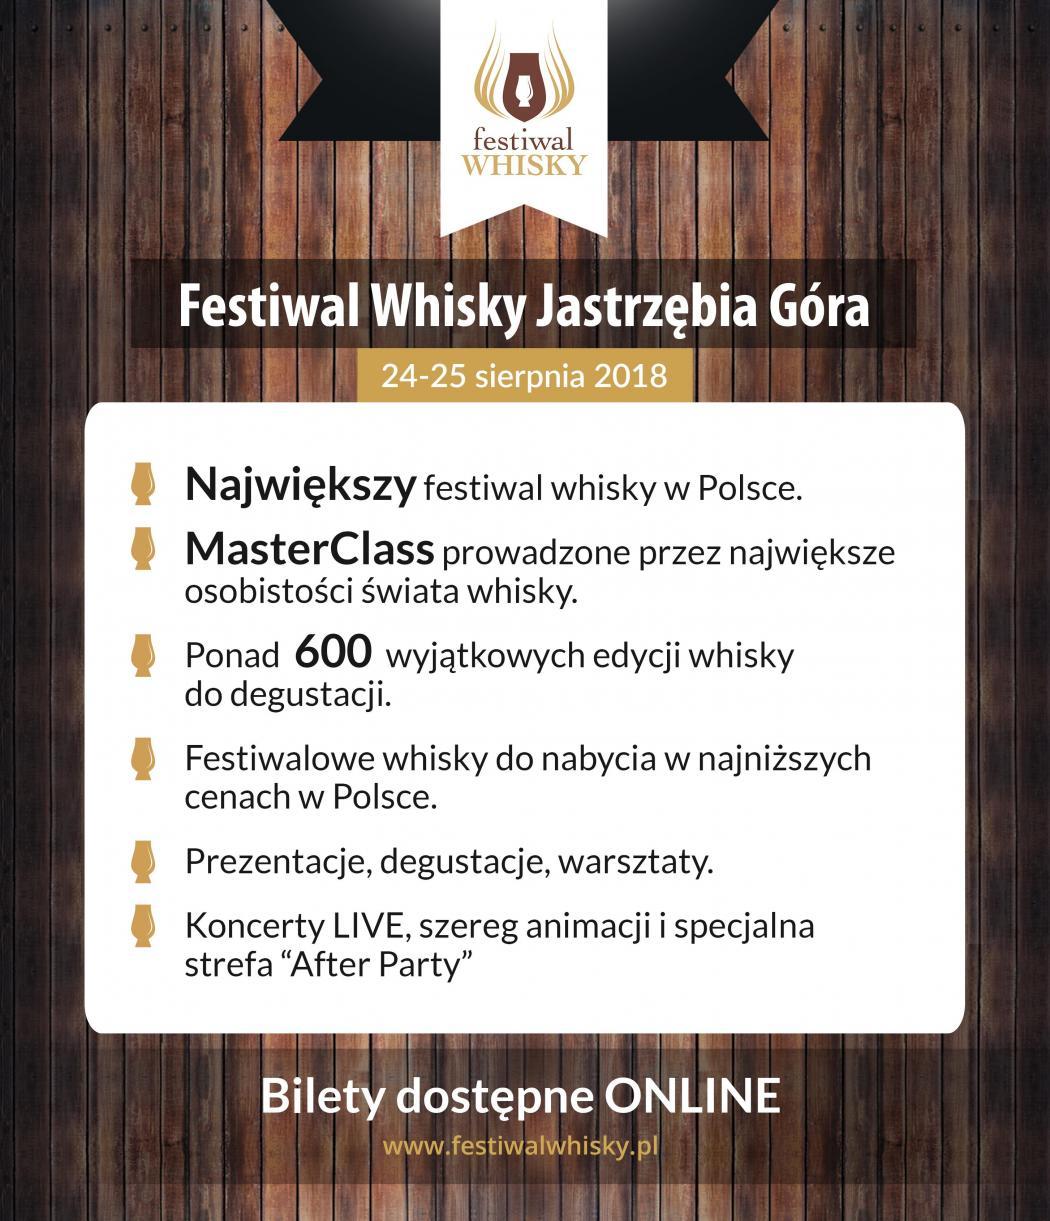 magazynkobiet.pl - img6 1 1050x1221 - Festiwal Whisky Jastrzębia Góra IV edycja